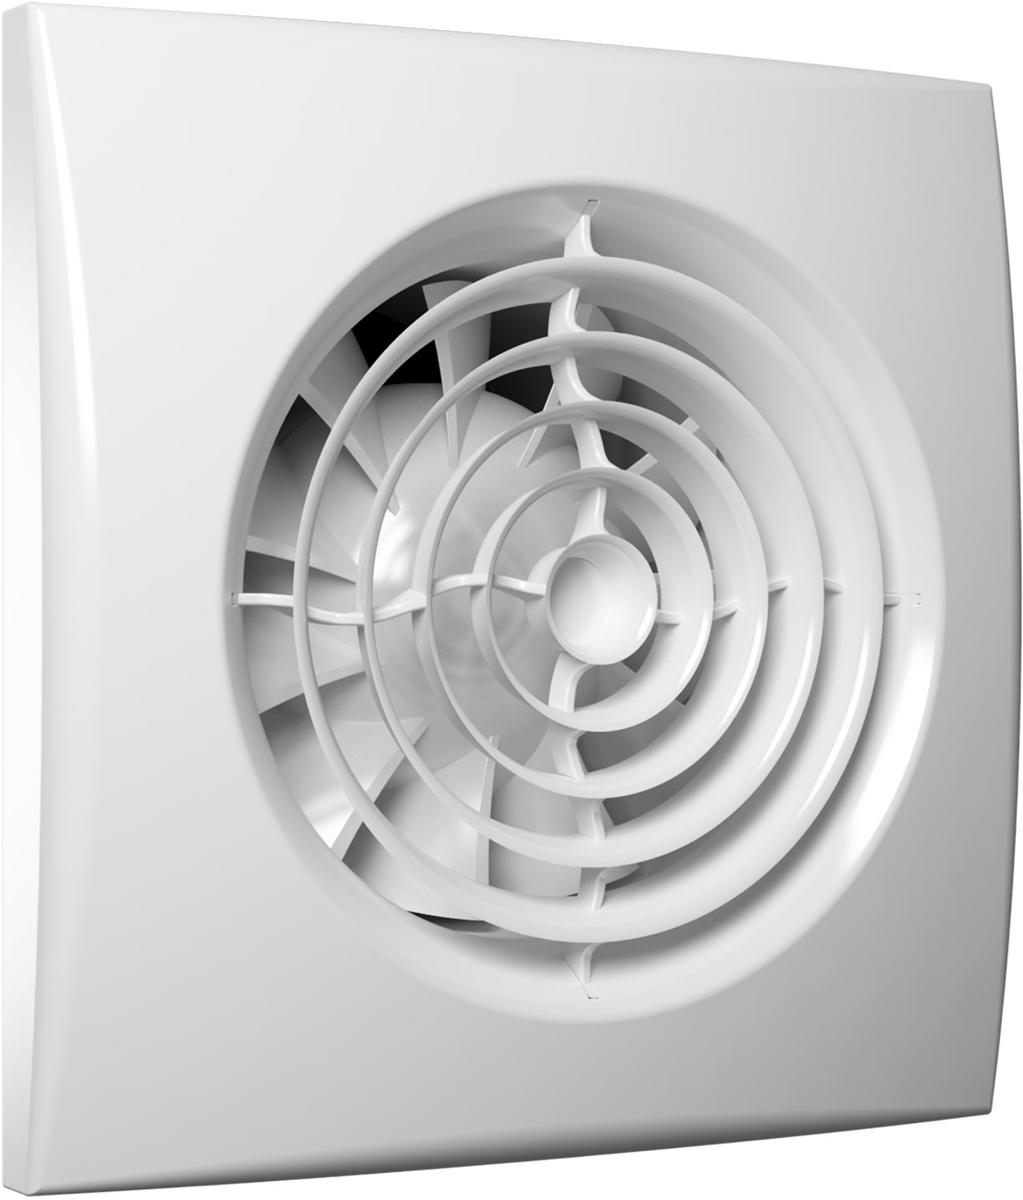 DiCiTi Aura 4C MR вентилятор осевой вытяжной - Вентиляторы